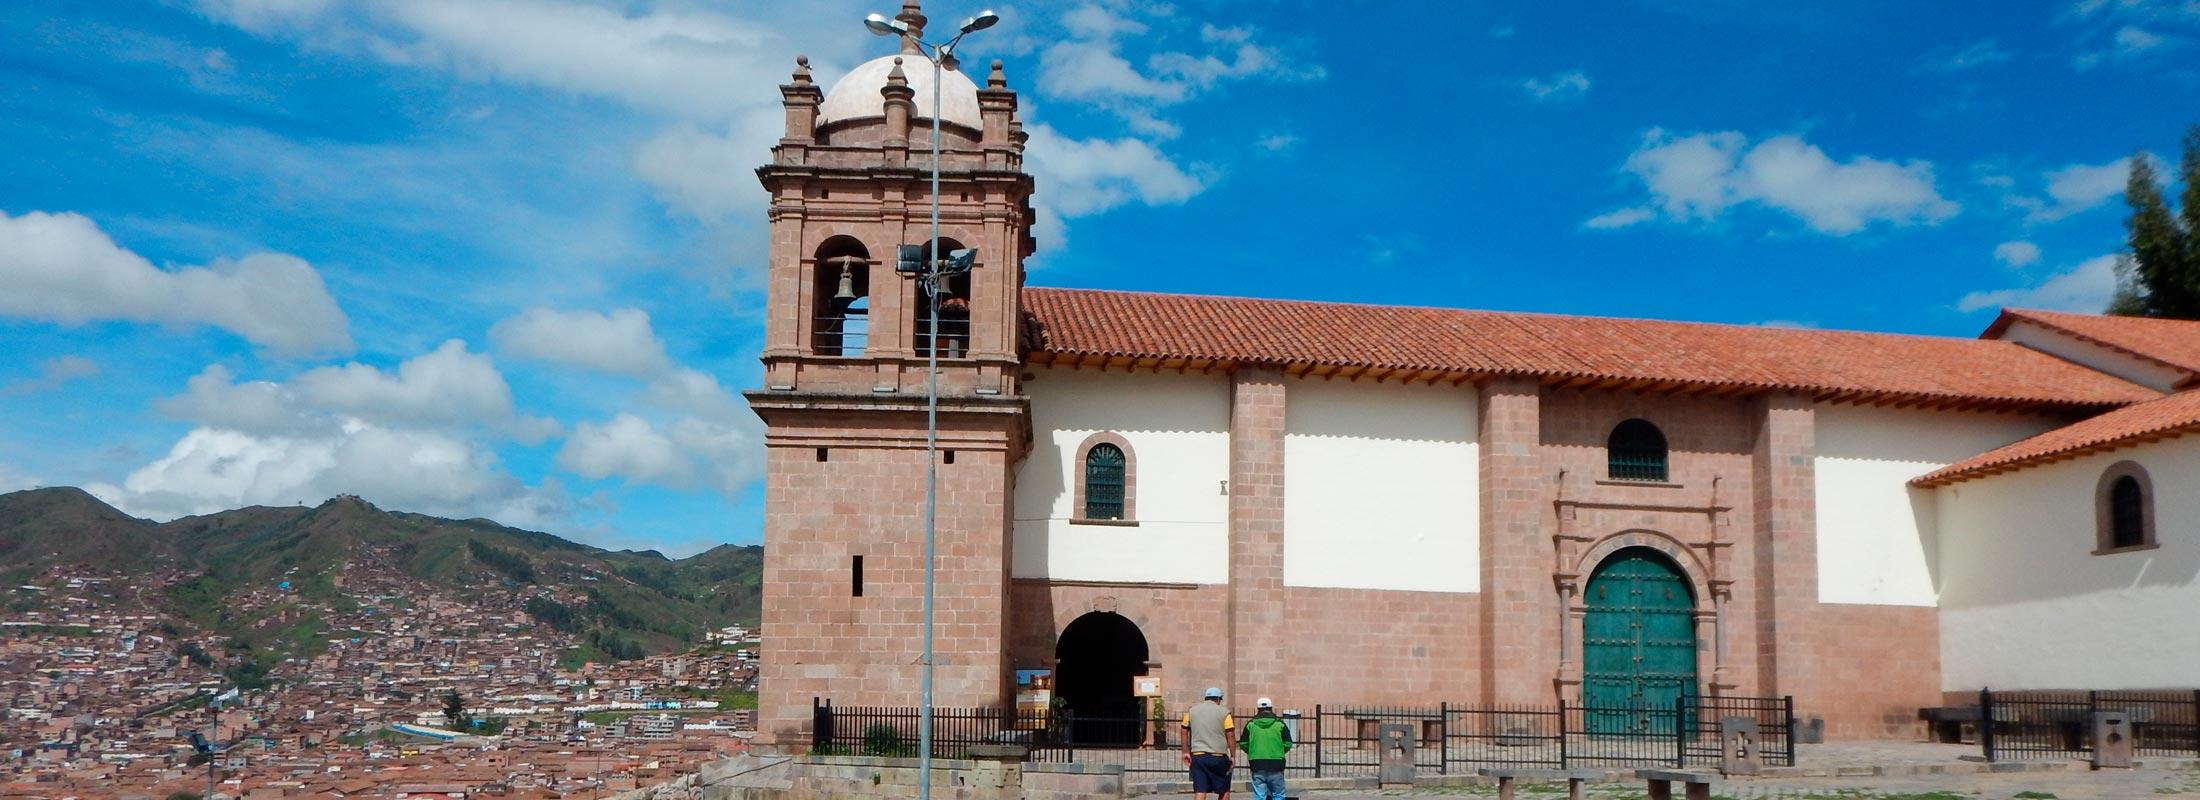 cusco ruins tour (1)